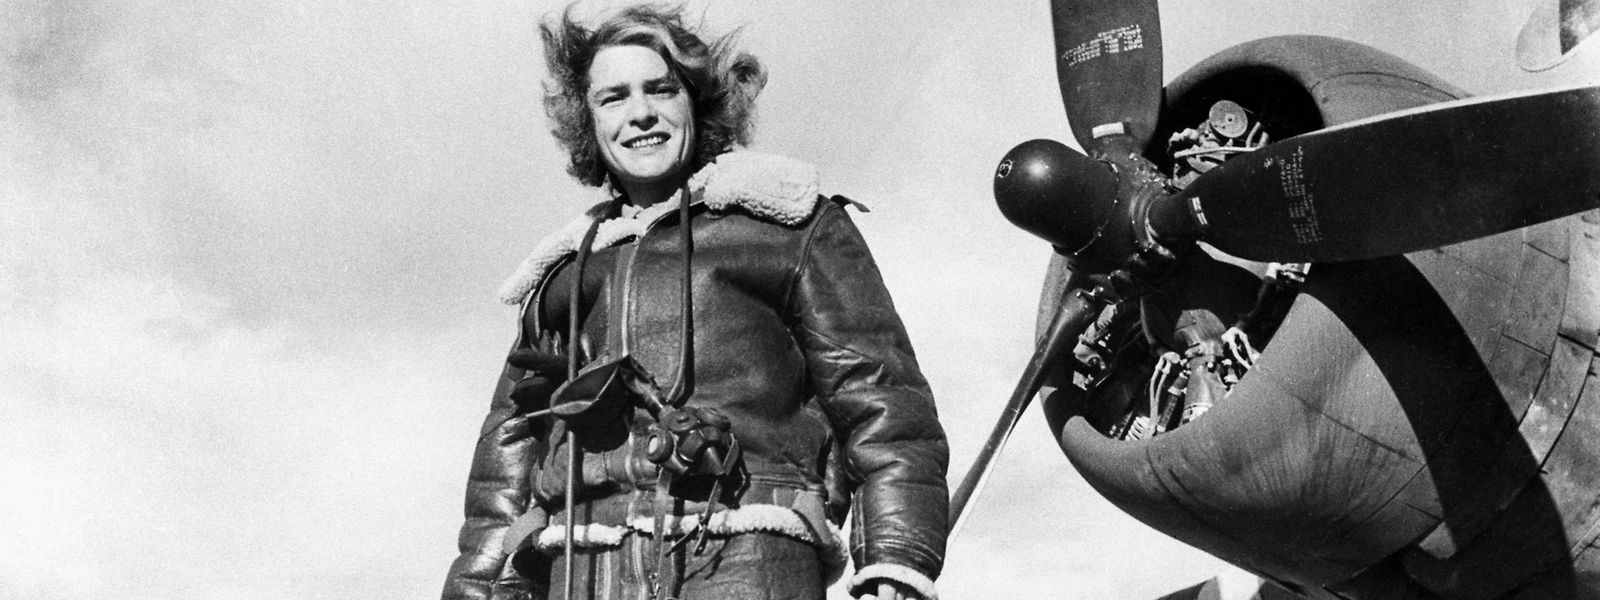 Margaret Bourke-White, ganz furchtlos in Fliegermontur an Bord eines Bombardierflugzeuges im Zweiten Weltkrieg.